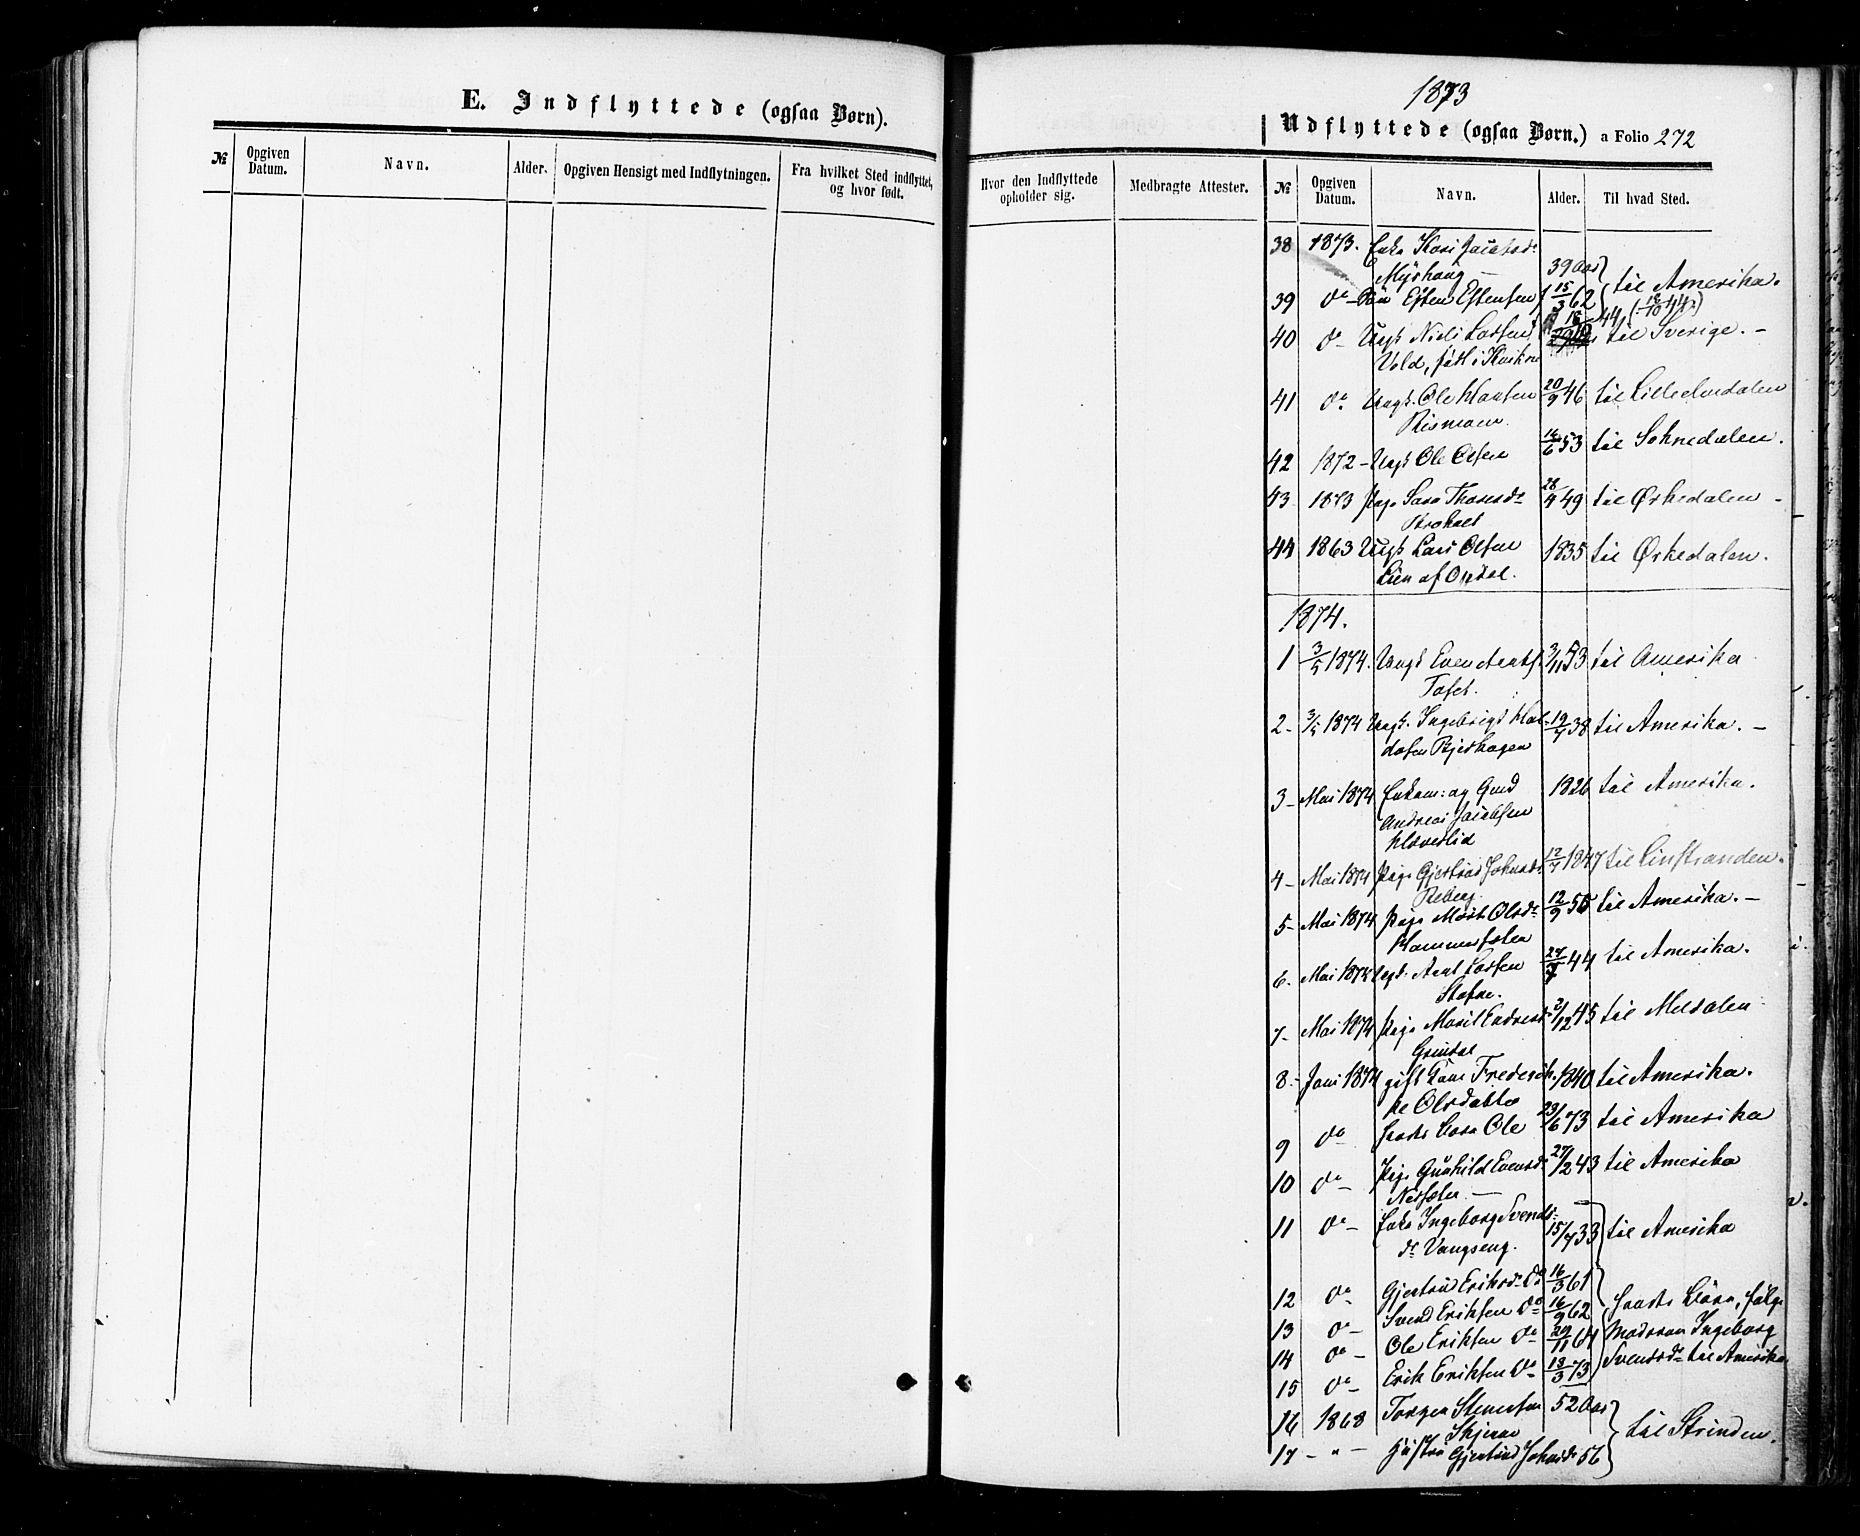 SAT, Ministerialprotokoller, klokkerbøker og fødselsregistre - Sør-Trøndelag, 674/L0870: Ministerialbok nr. 674A02, 1861-1879, s. 272